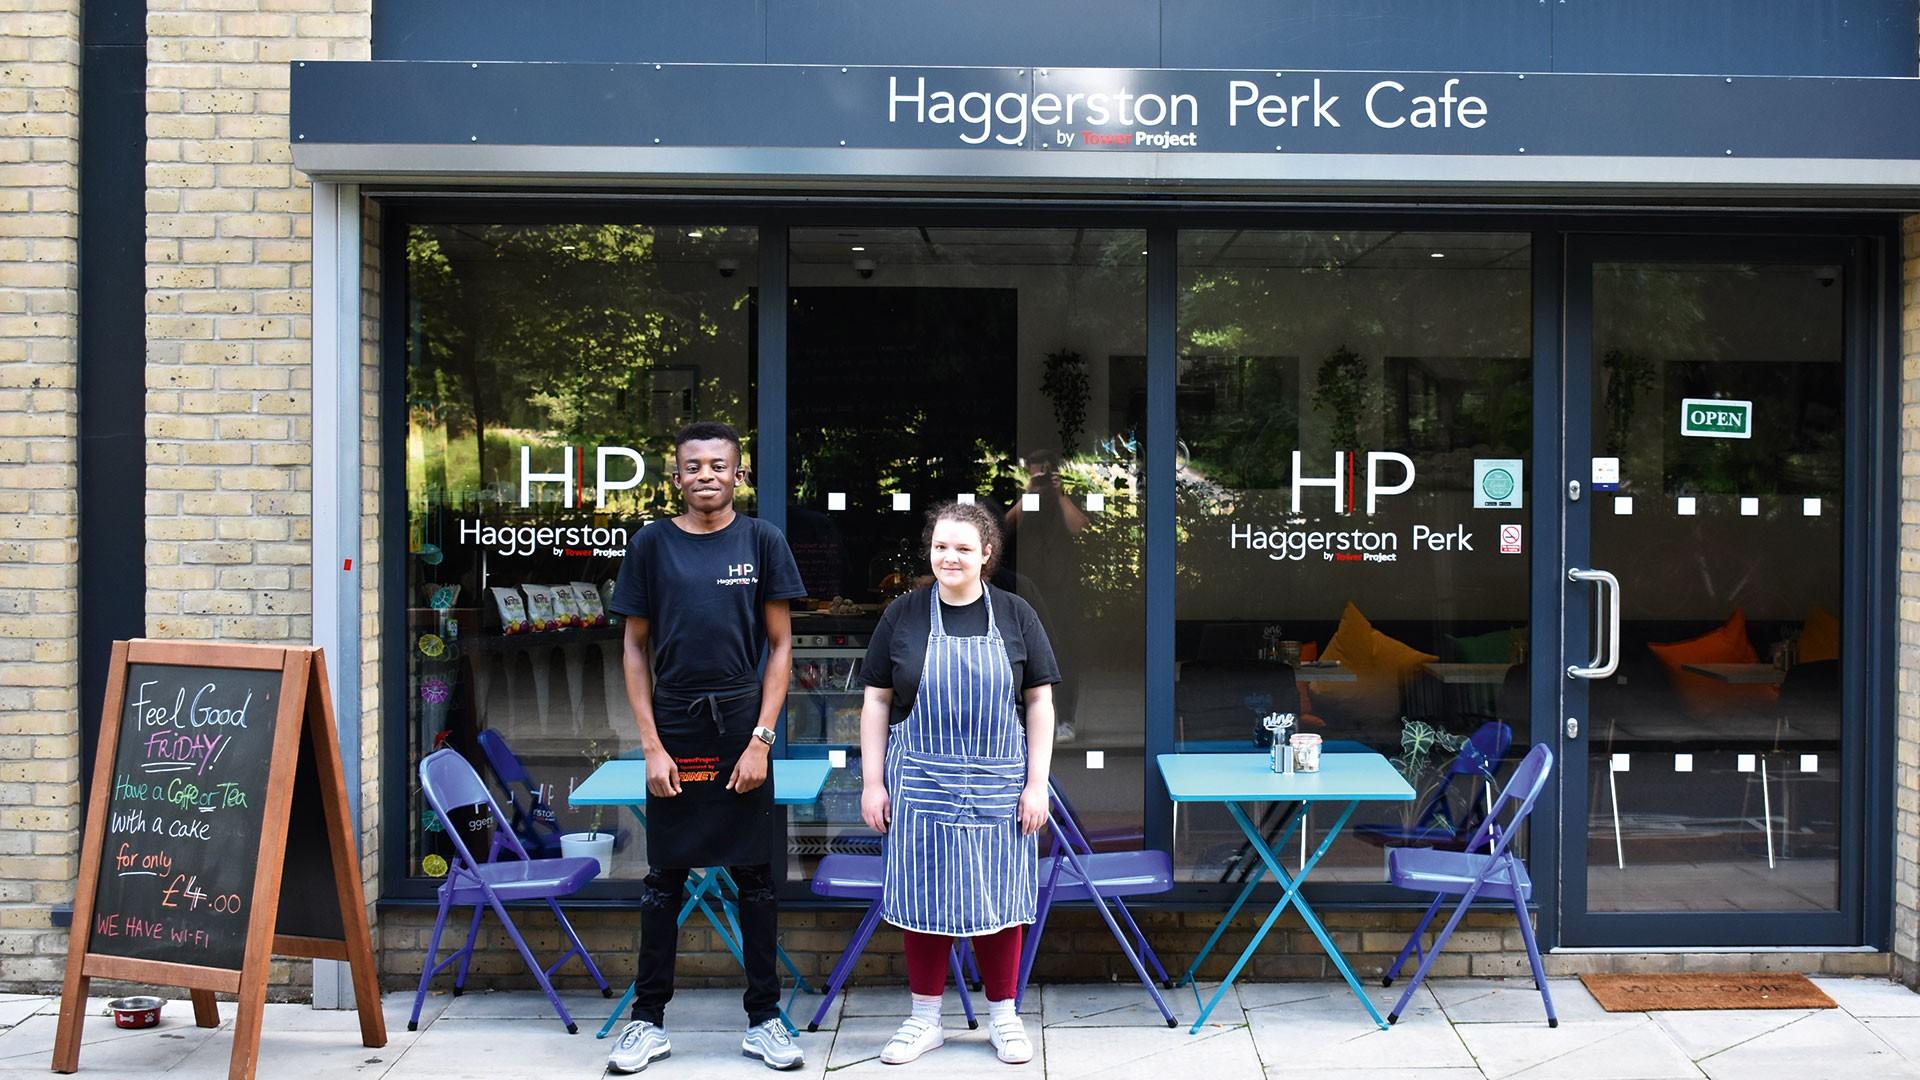 Haggerston Perk